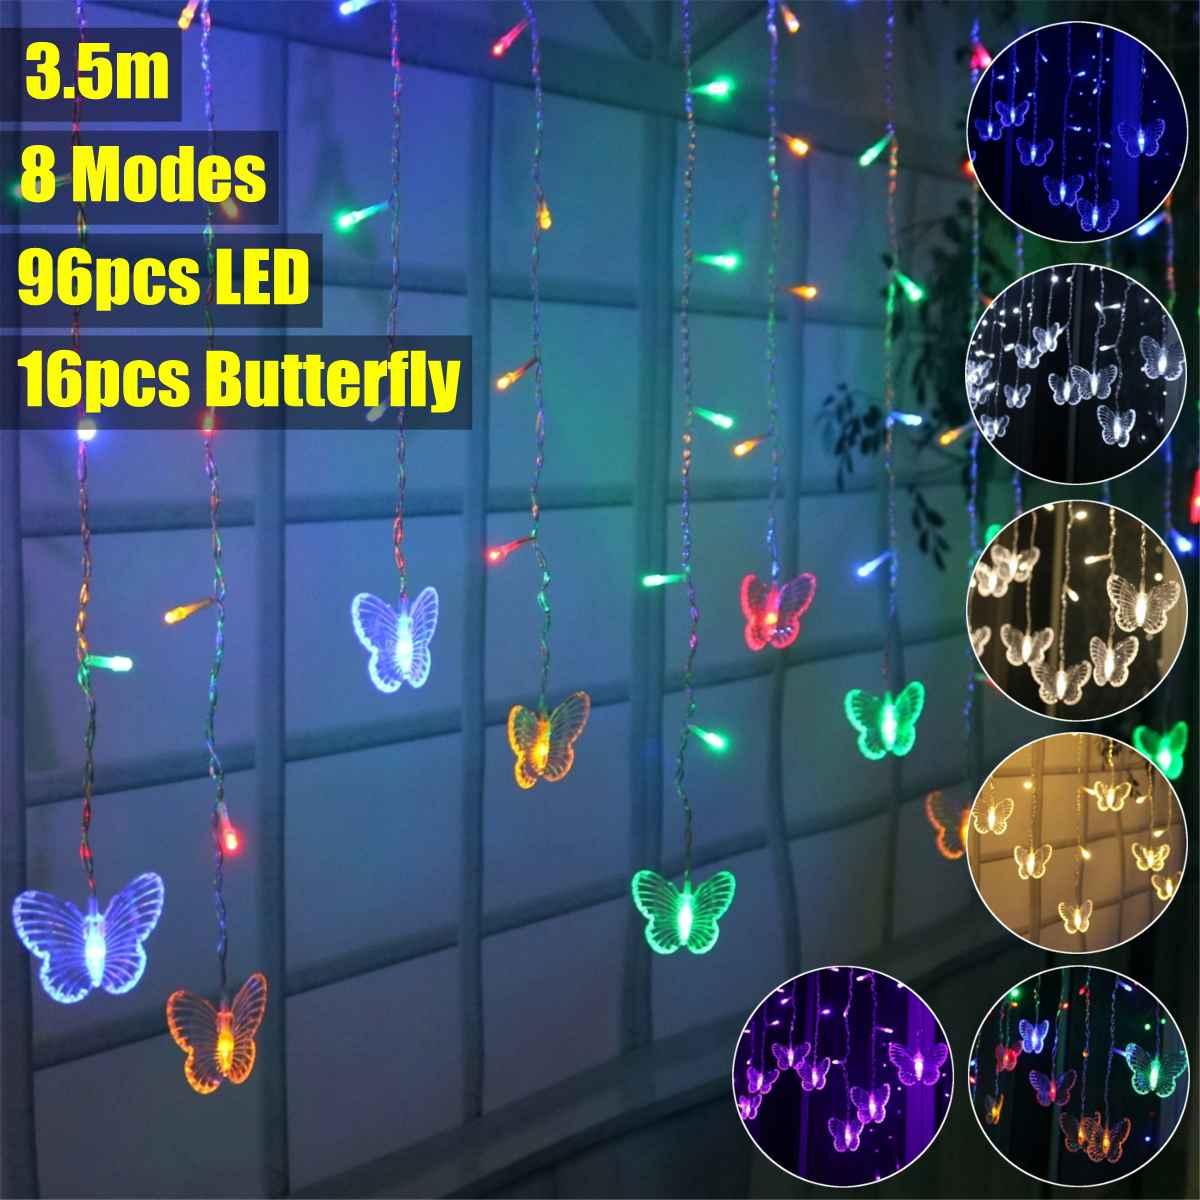 Cortina De Luces LED con forma De mariposa para decoración navideña, guirnaldas...